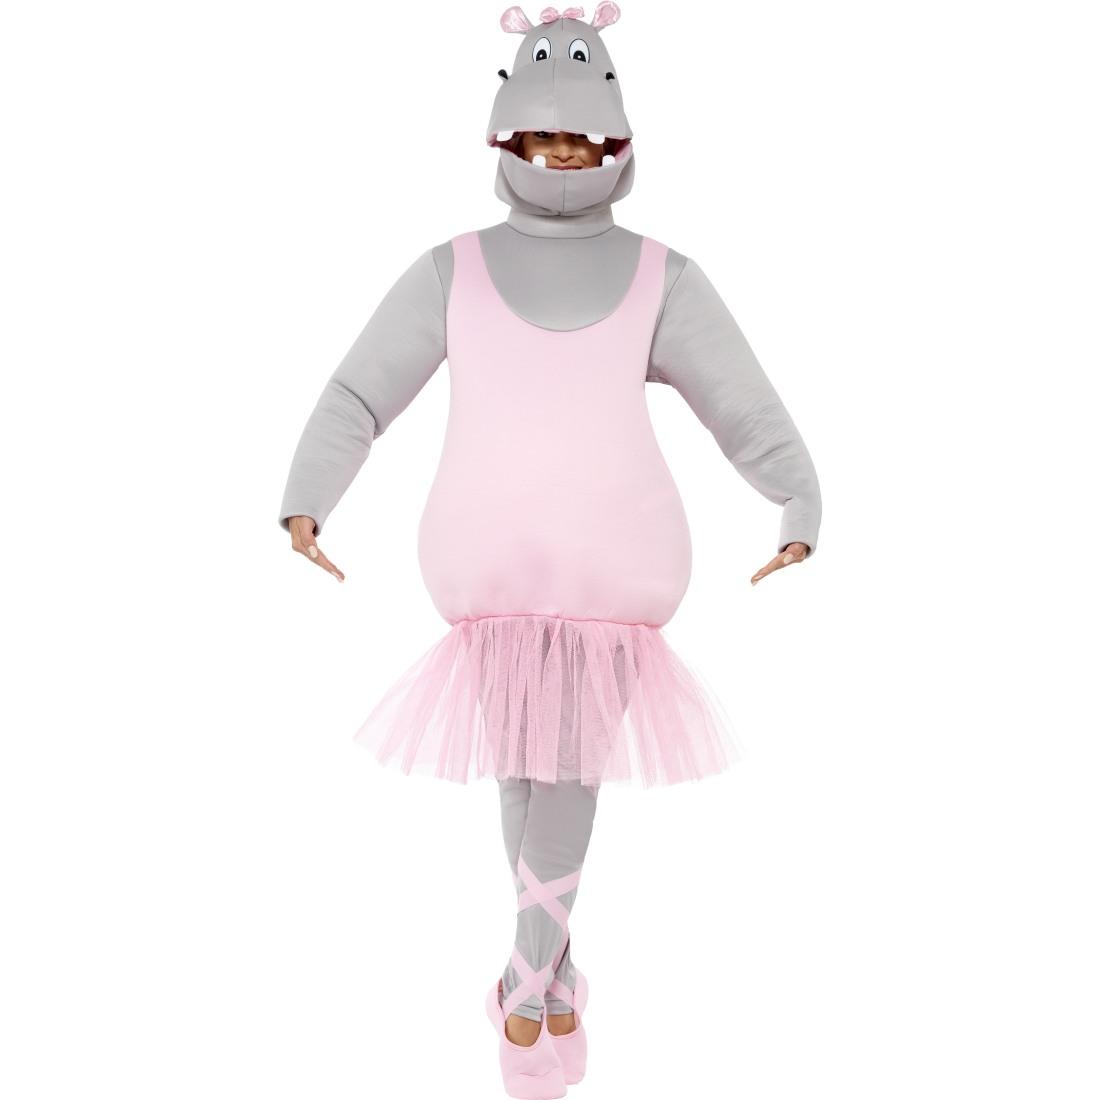 lustiges hippo nilpferd ballettkost m ballerina kost m nilpferdkost m ballett ebay. Black Bedroom Furniture Sets. Home Design Ideas